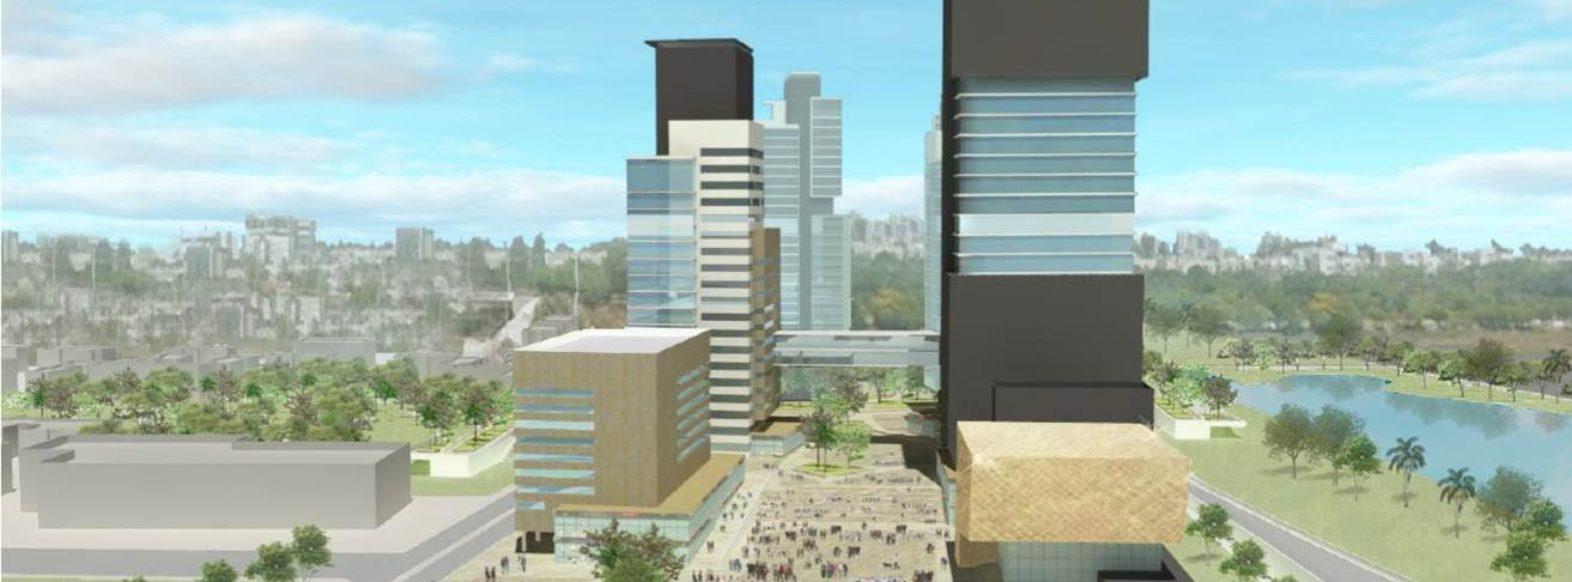 """קריית ביאליק-פורסמה למתן תוקף תוכנית הקמת מרכז עירוני חדש """"לב העיר"""""""